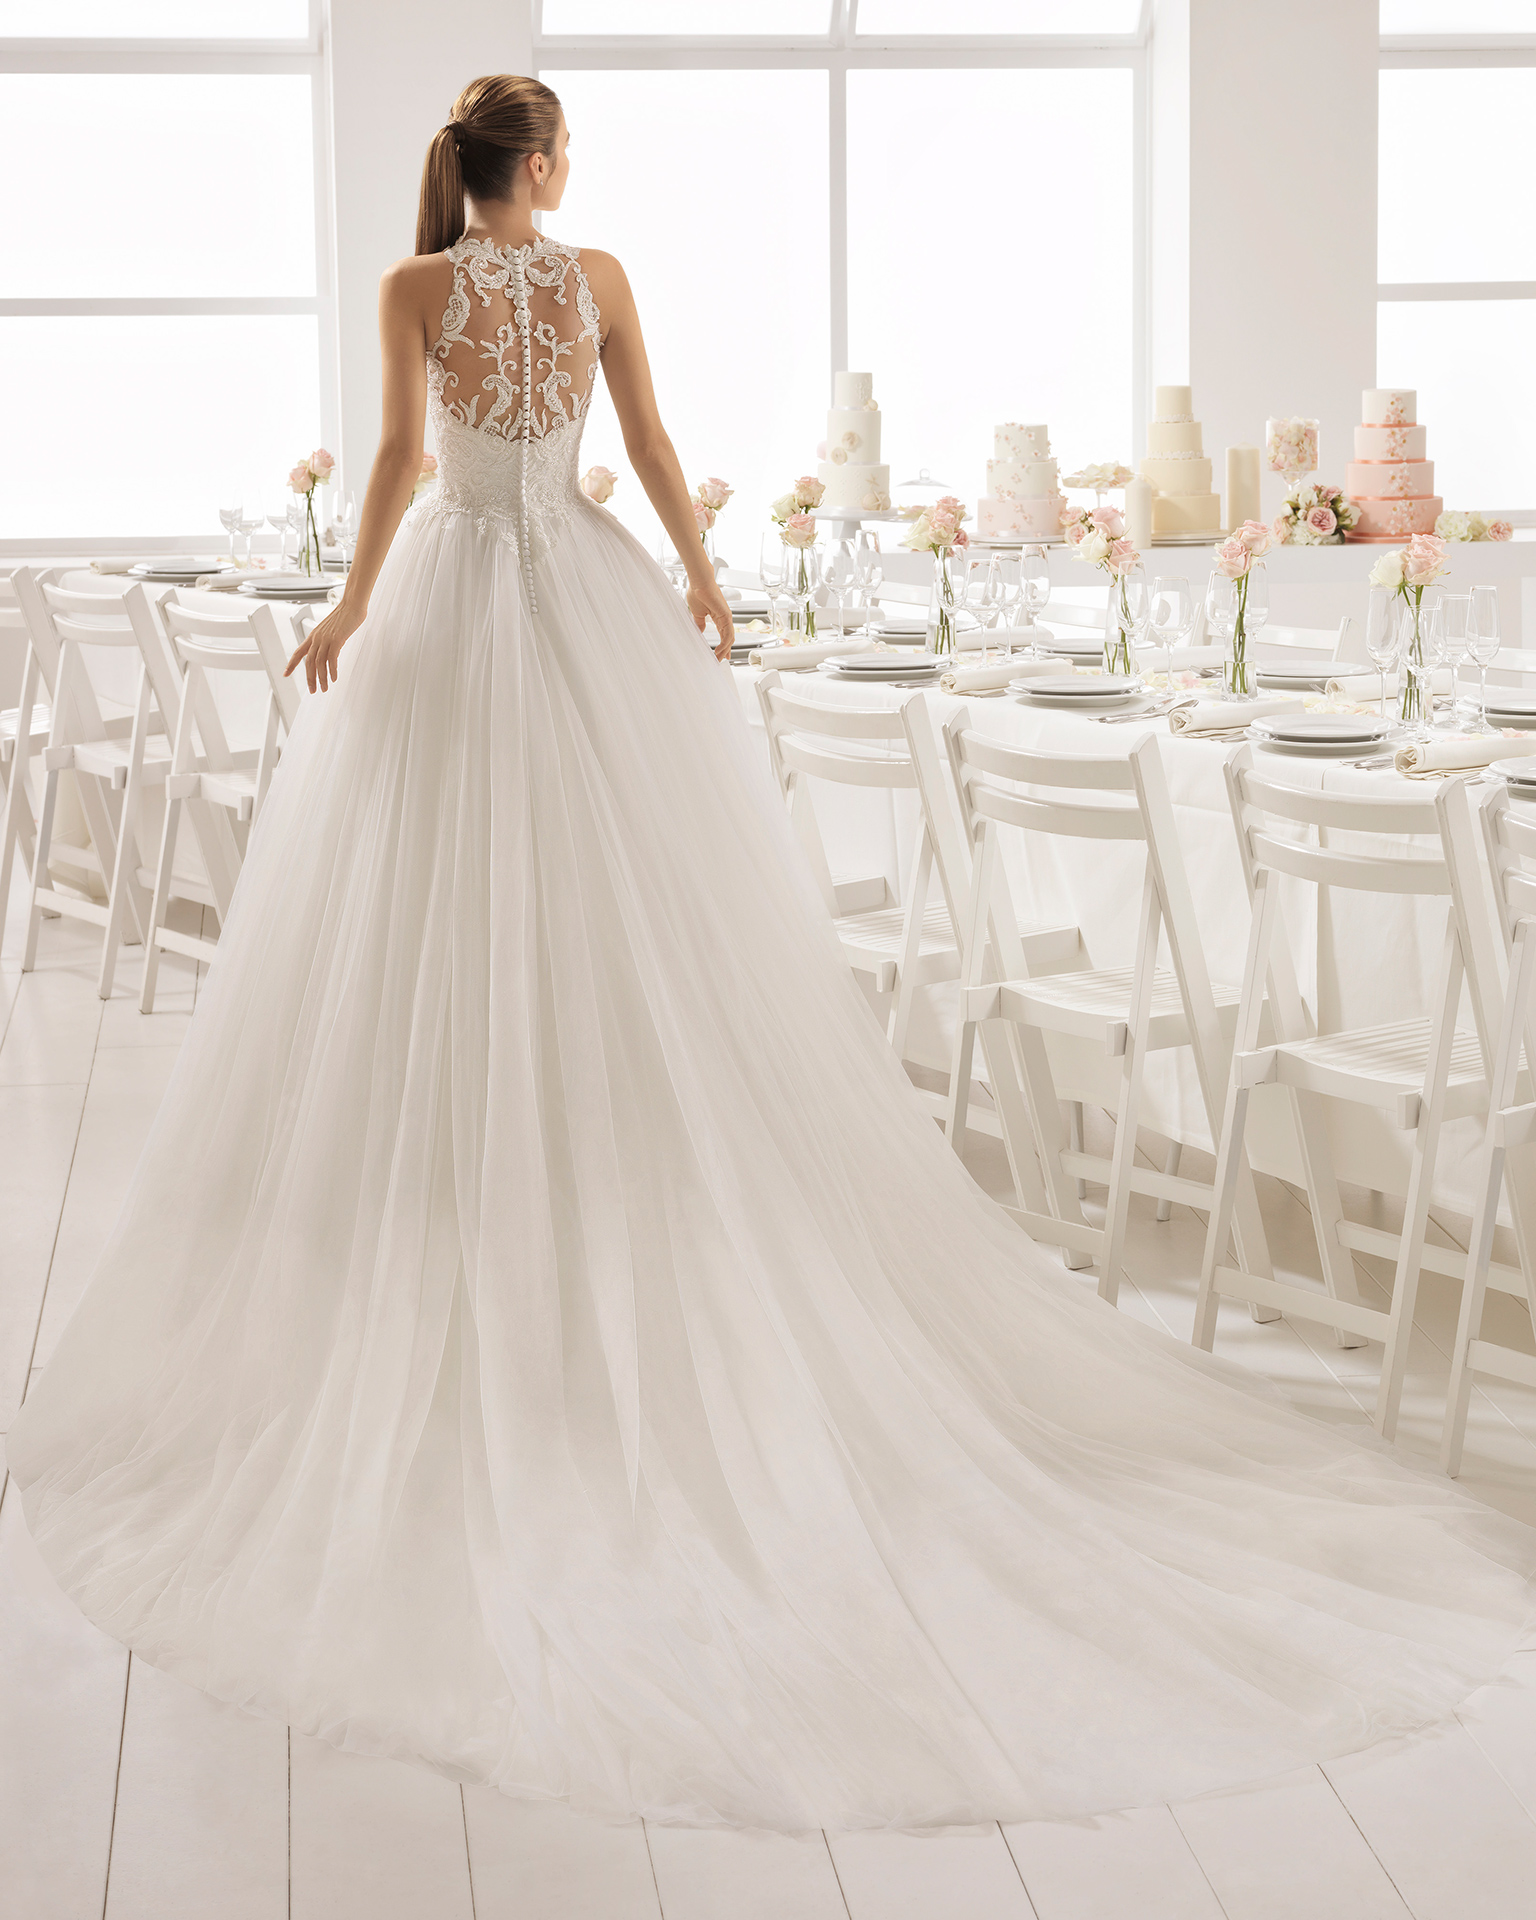 Robe de mariée style romantique en tulle, dentelle et pierreries, avec col halter et jupe créant du volume.